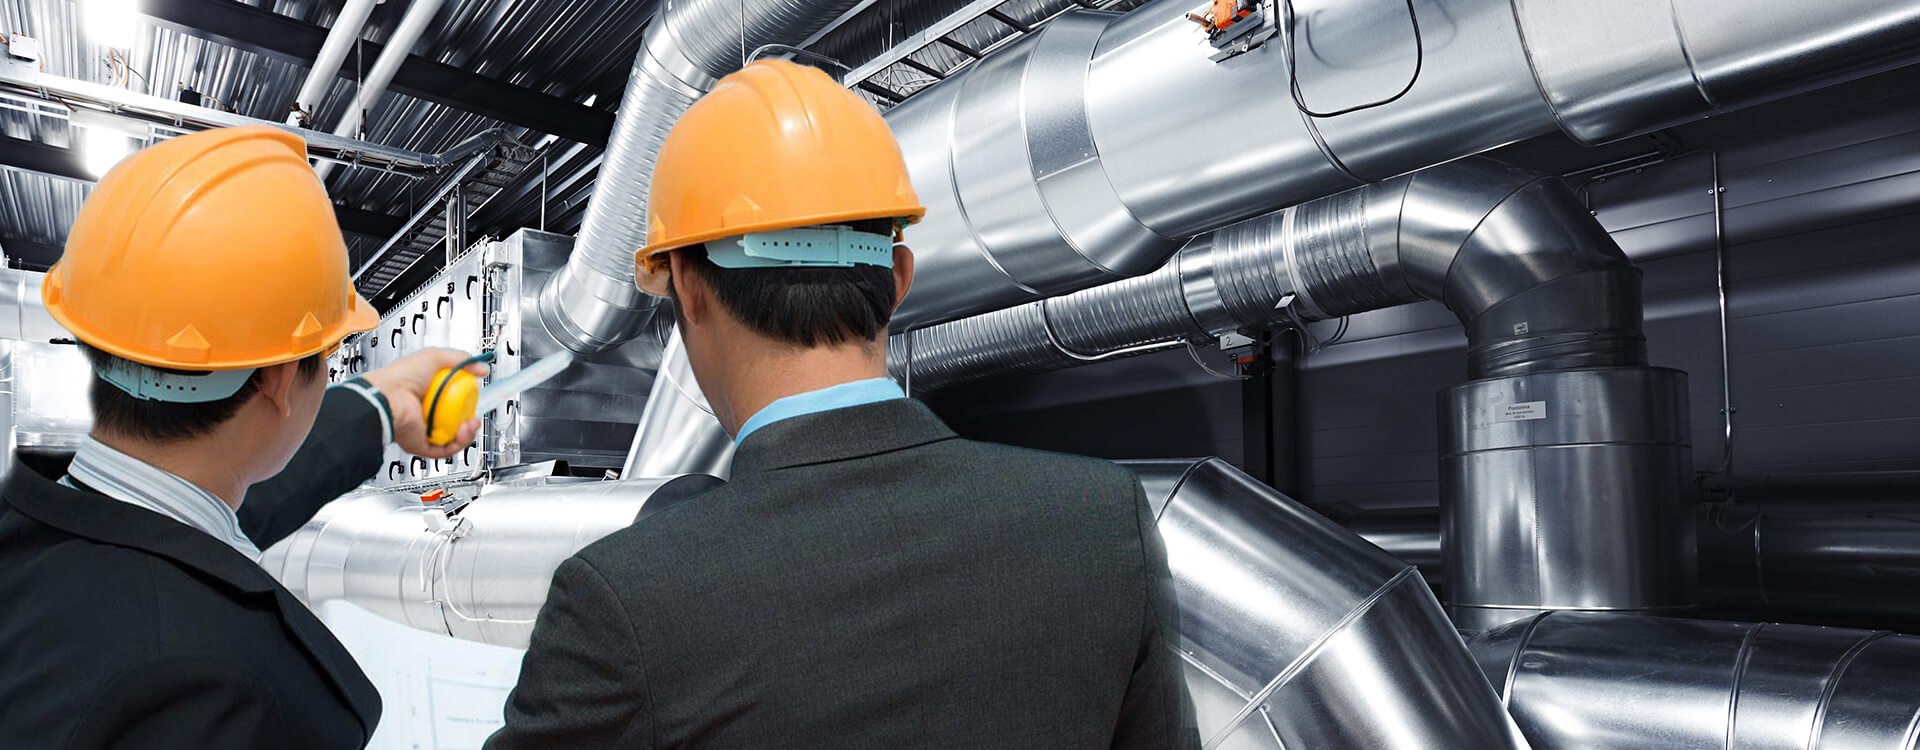 Продажа кондиционеров и вентиляционного оборудования